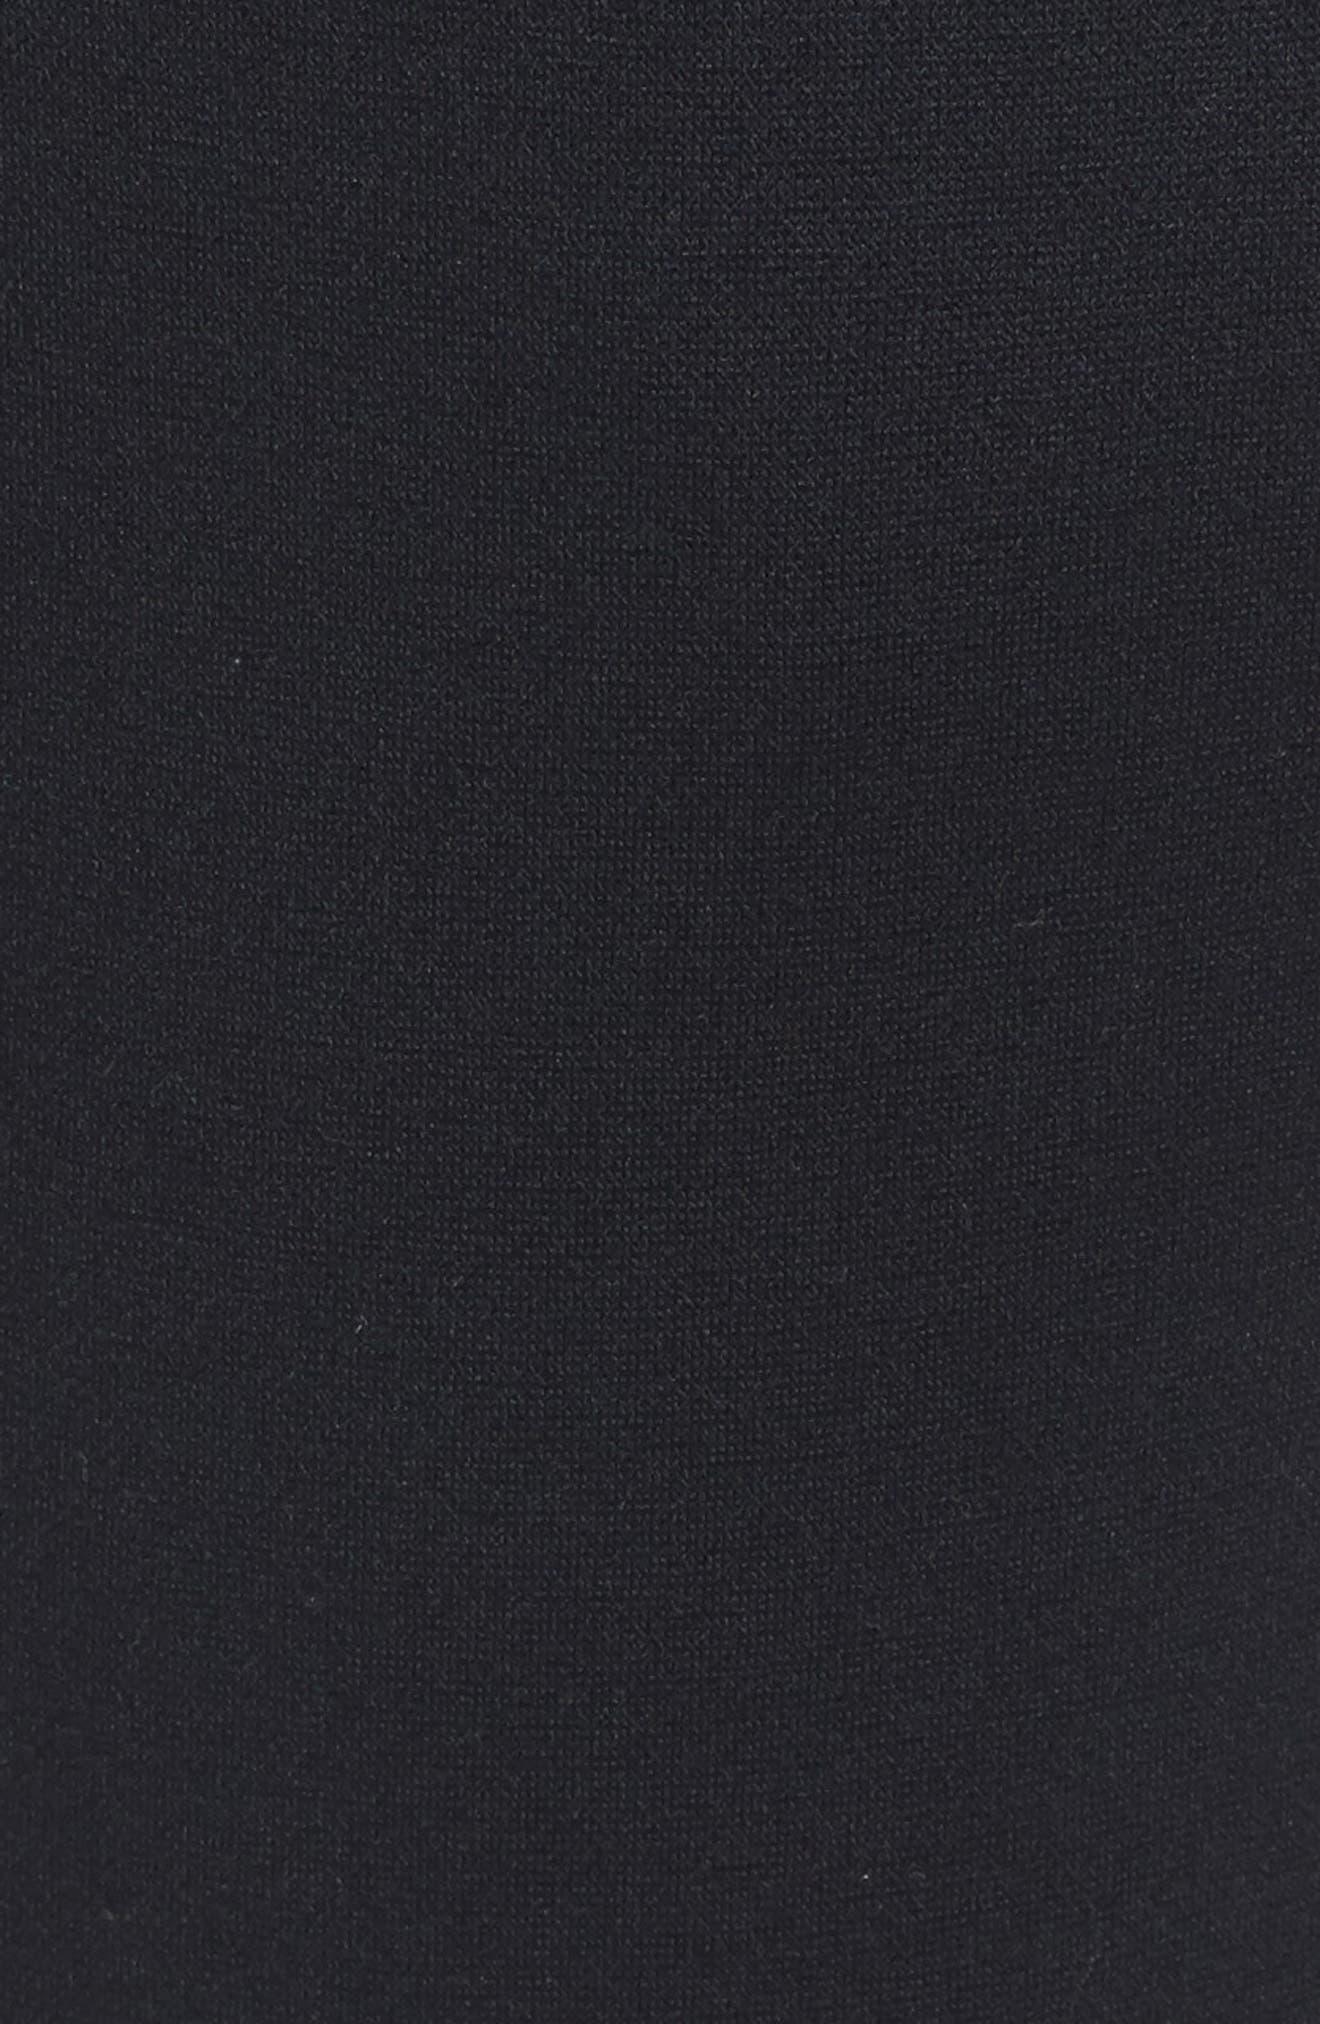 Courtside Training Pants,                             Alternate thumbnail 5, color,                             Black / Black / Black